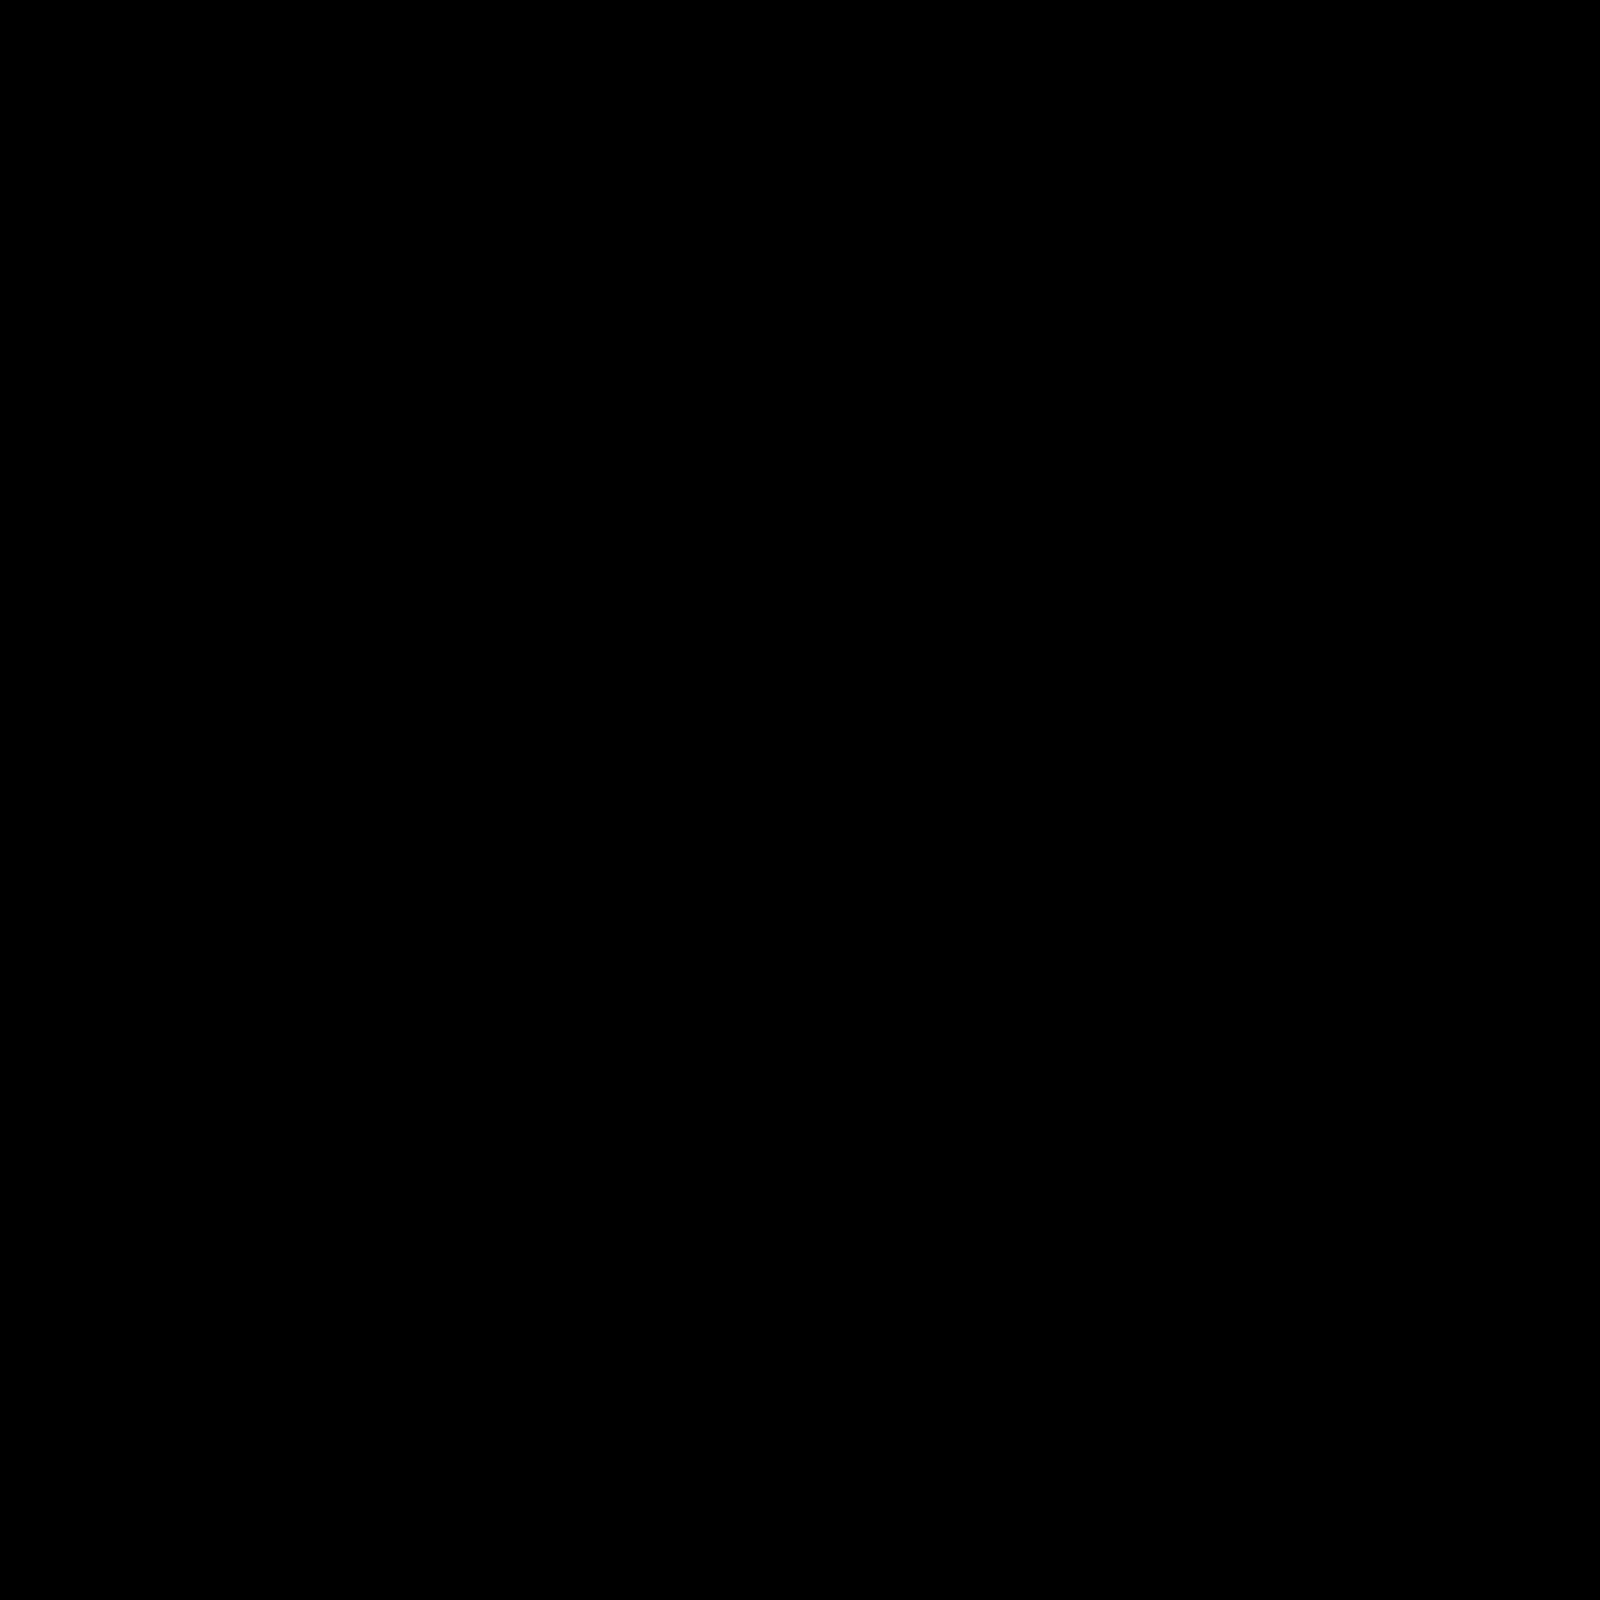 支払履歴 icon